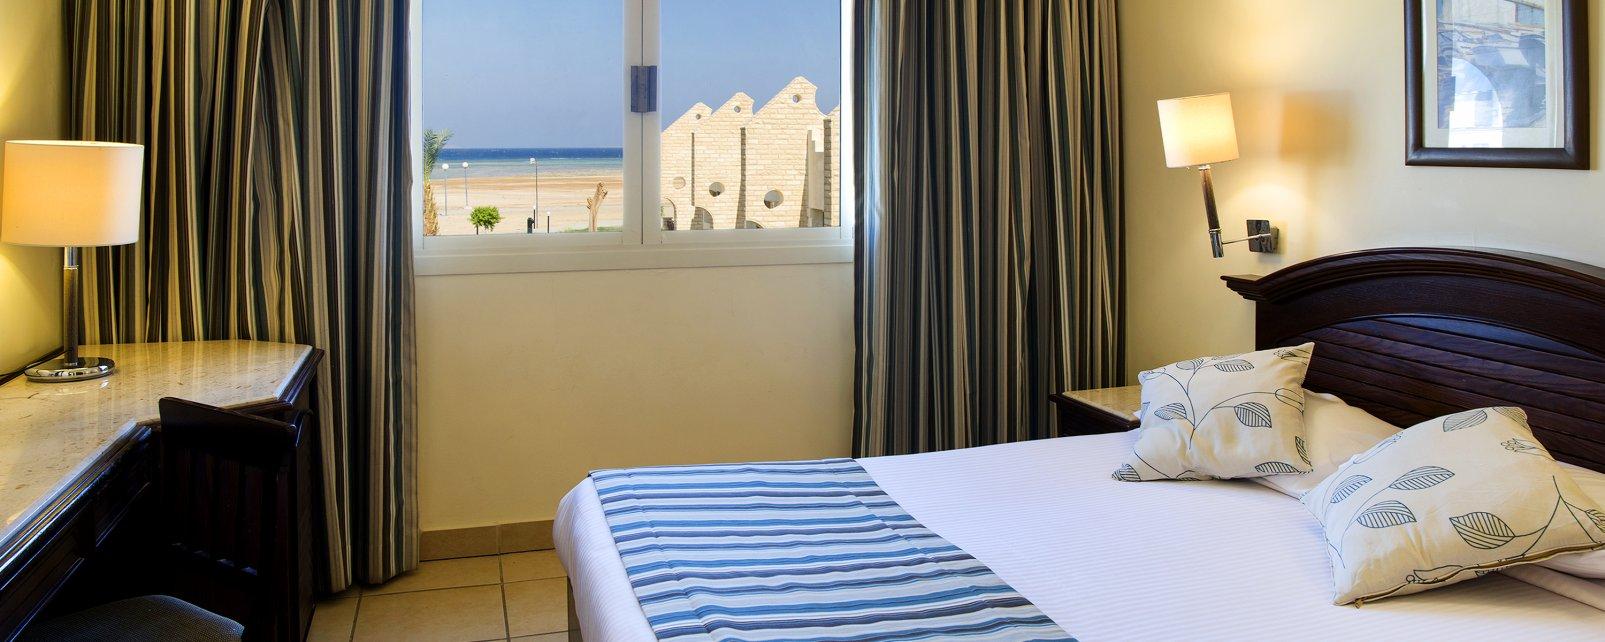 Hôtel Coral Beach